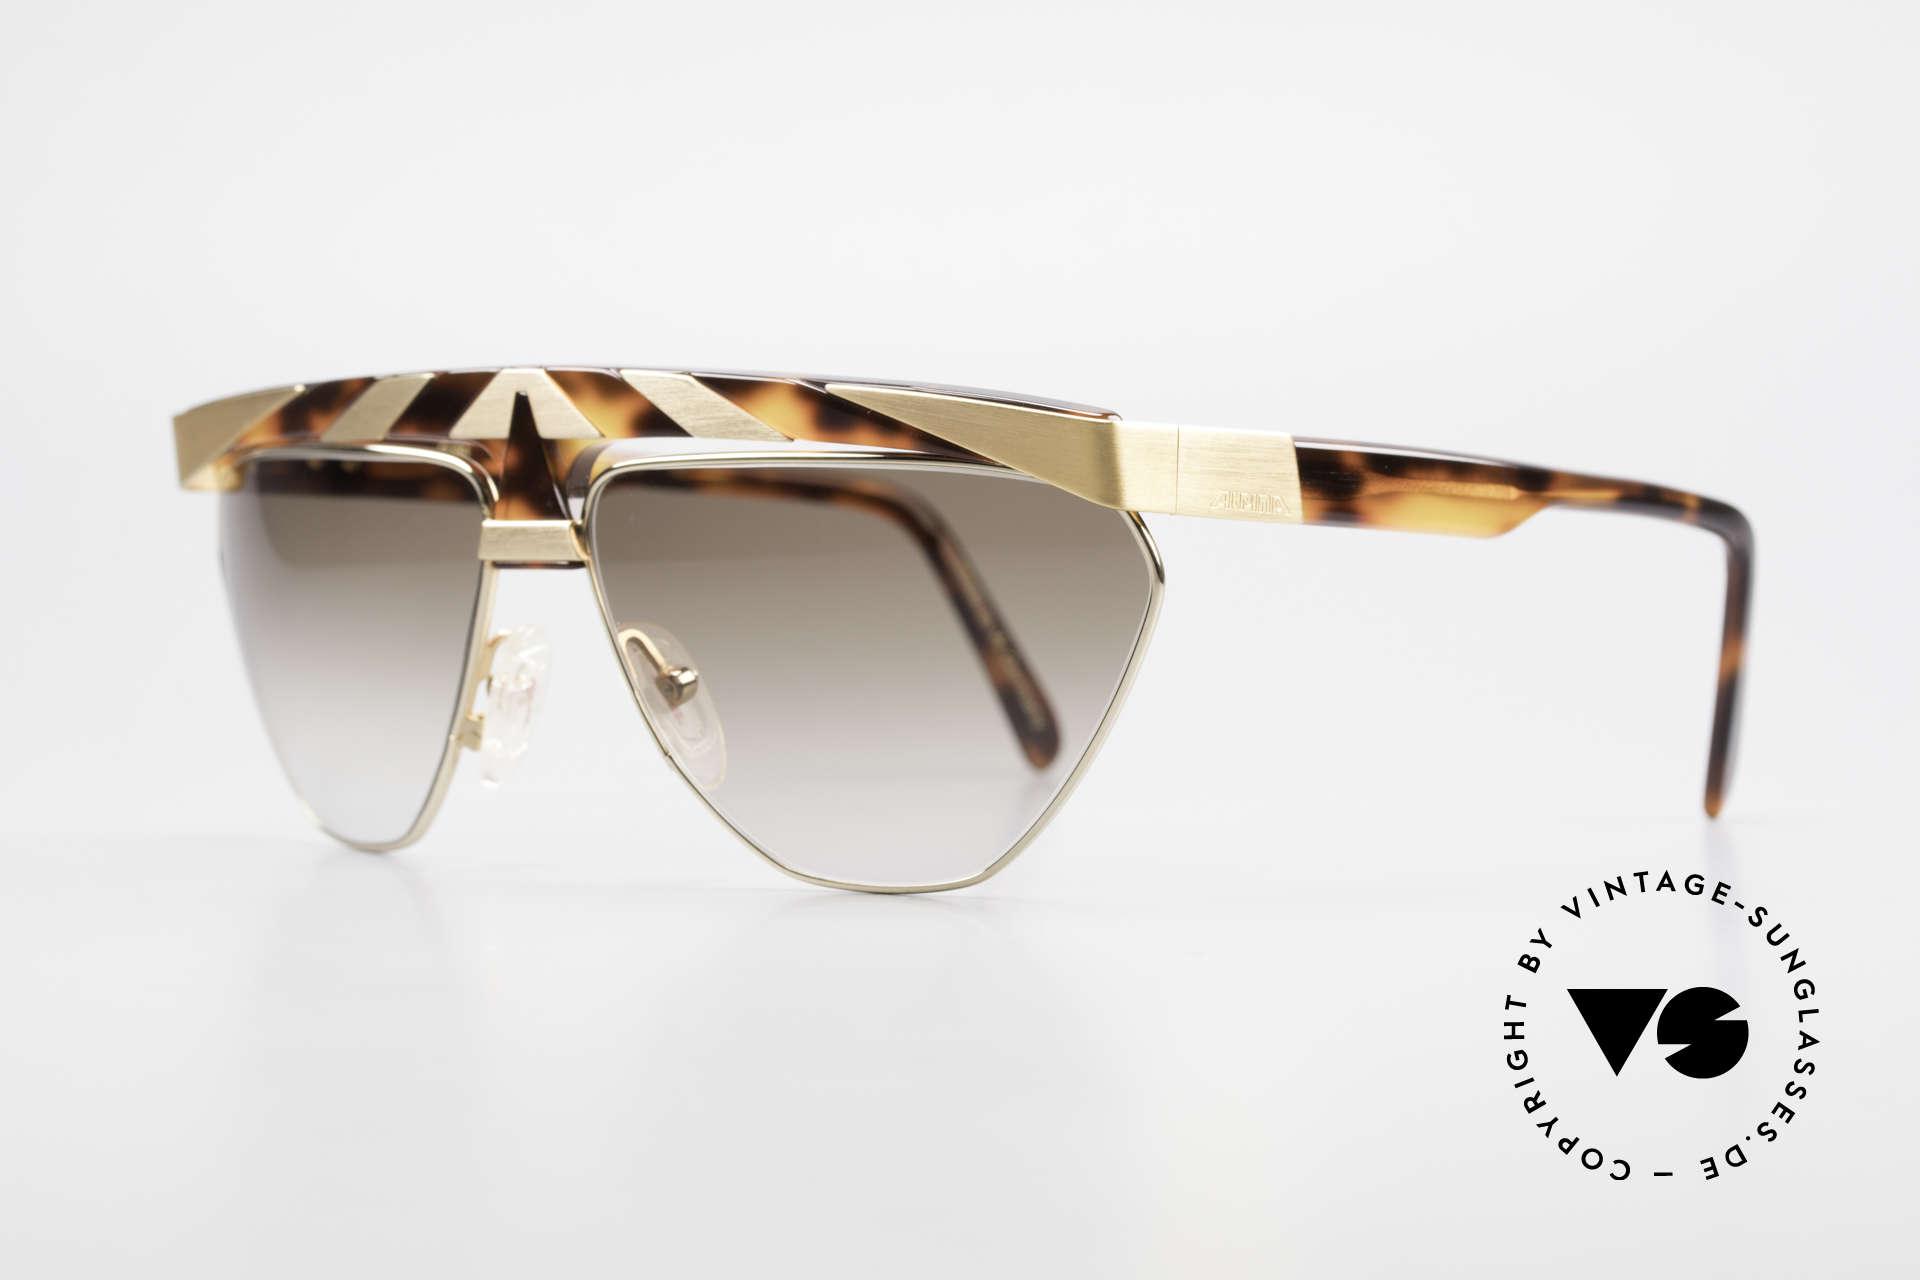 Alpina G84 Vergoldete 80er Sonnenbrille, echte Handarbeit aus den 80ern (made in W.Germany), Passend für Herren und Damen